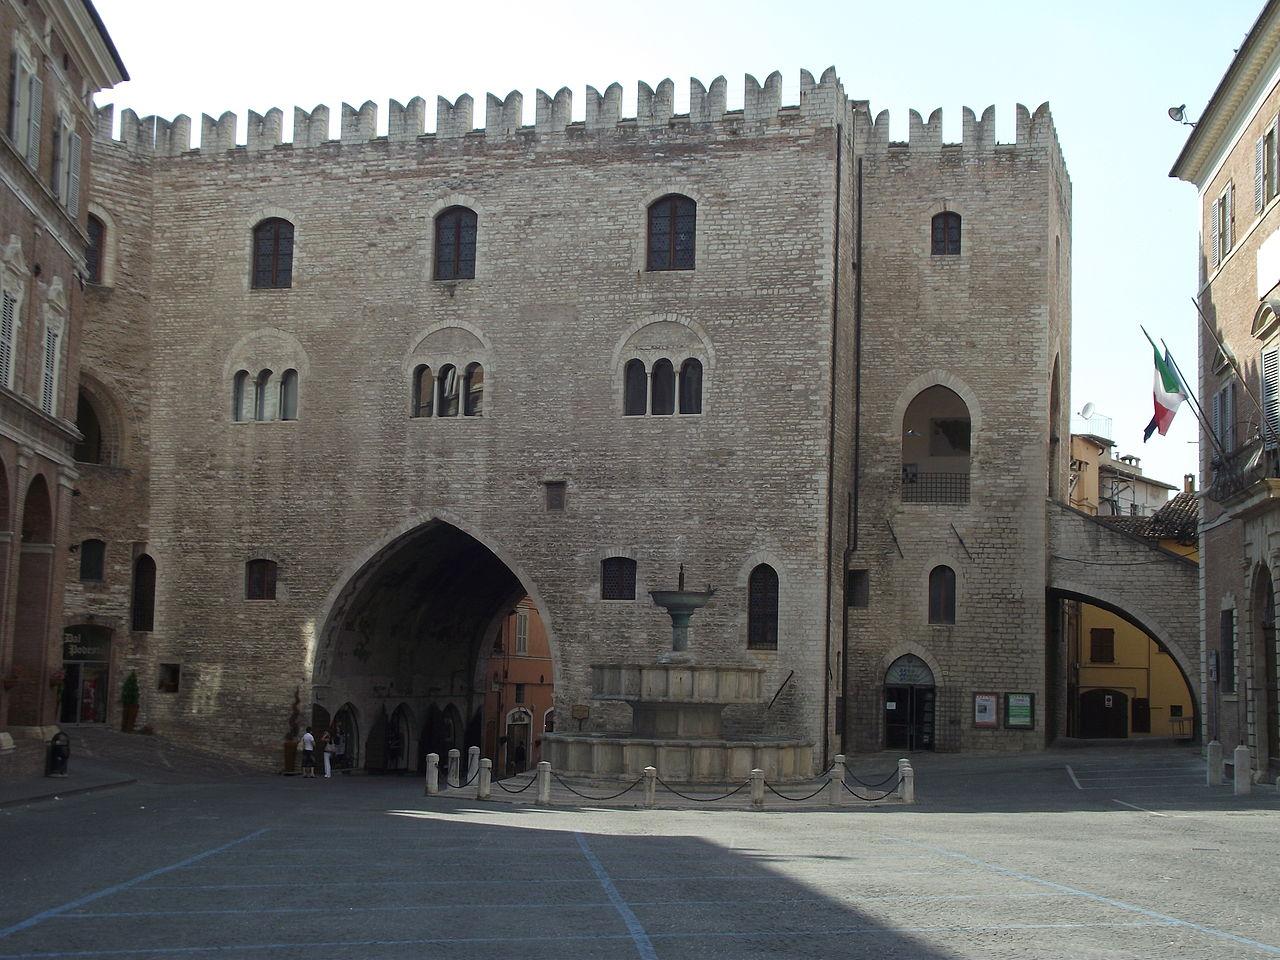 1280px-Fabriano%2C_Piazza_del_Comune%2C_Palazzo_del_Podestà%2C_1255_%282%29.jpg